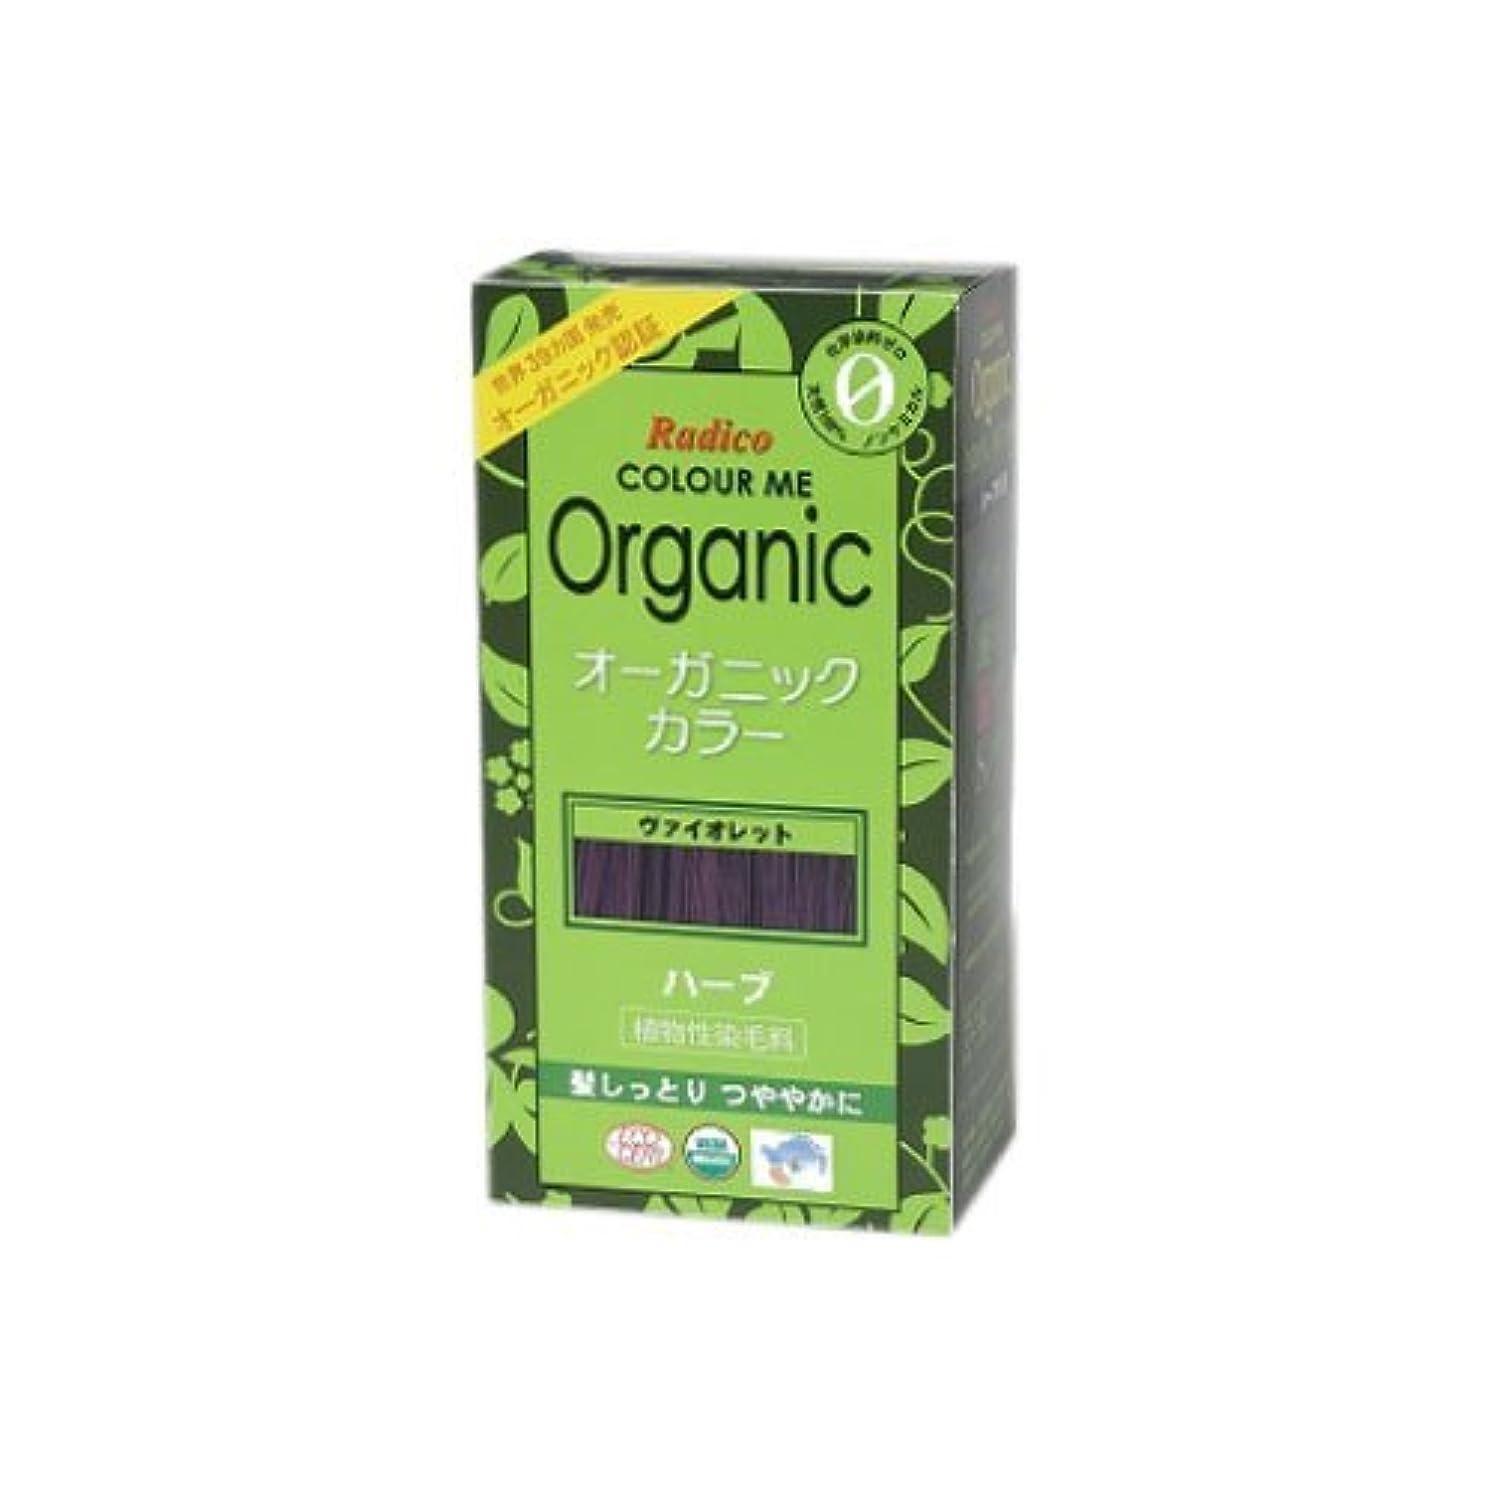 サーキュレーション面積酒COLOURME Organic (カラーミーオーガニック ヘナ 白髪用 紫色) ヴァイオレット 100g